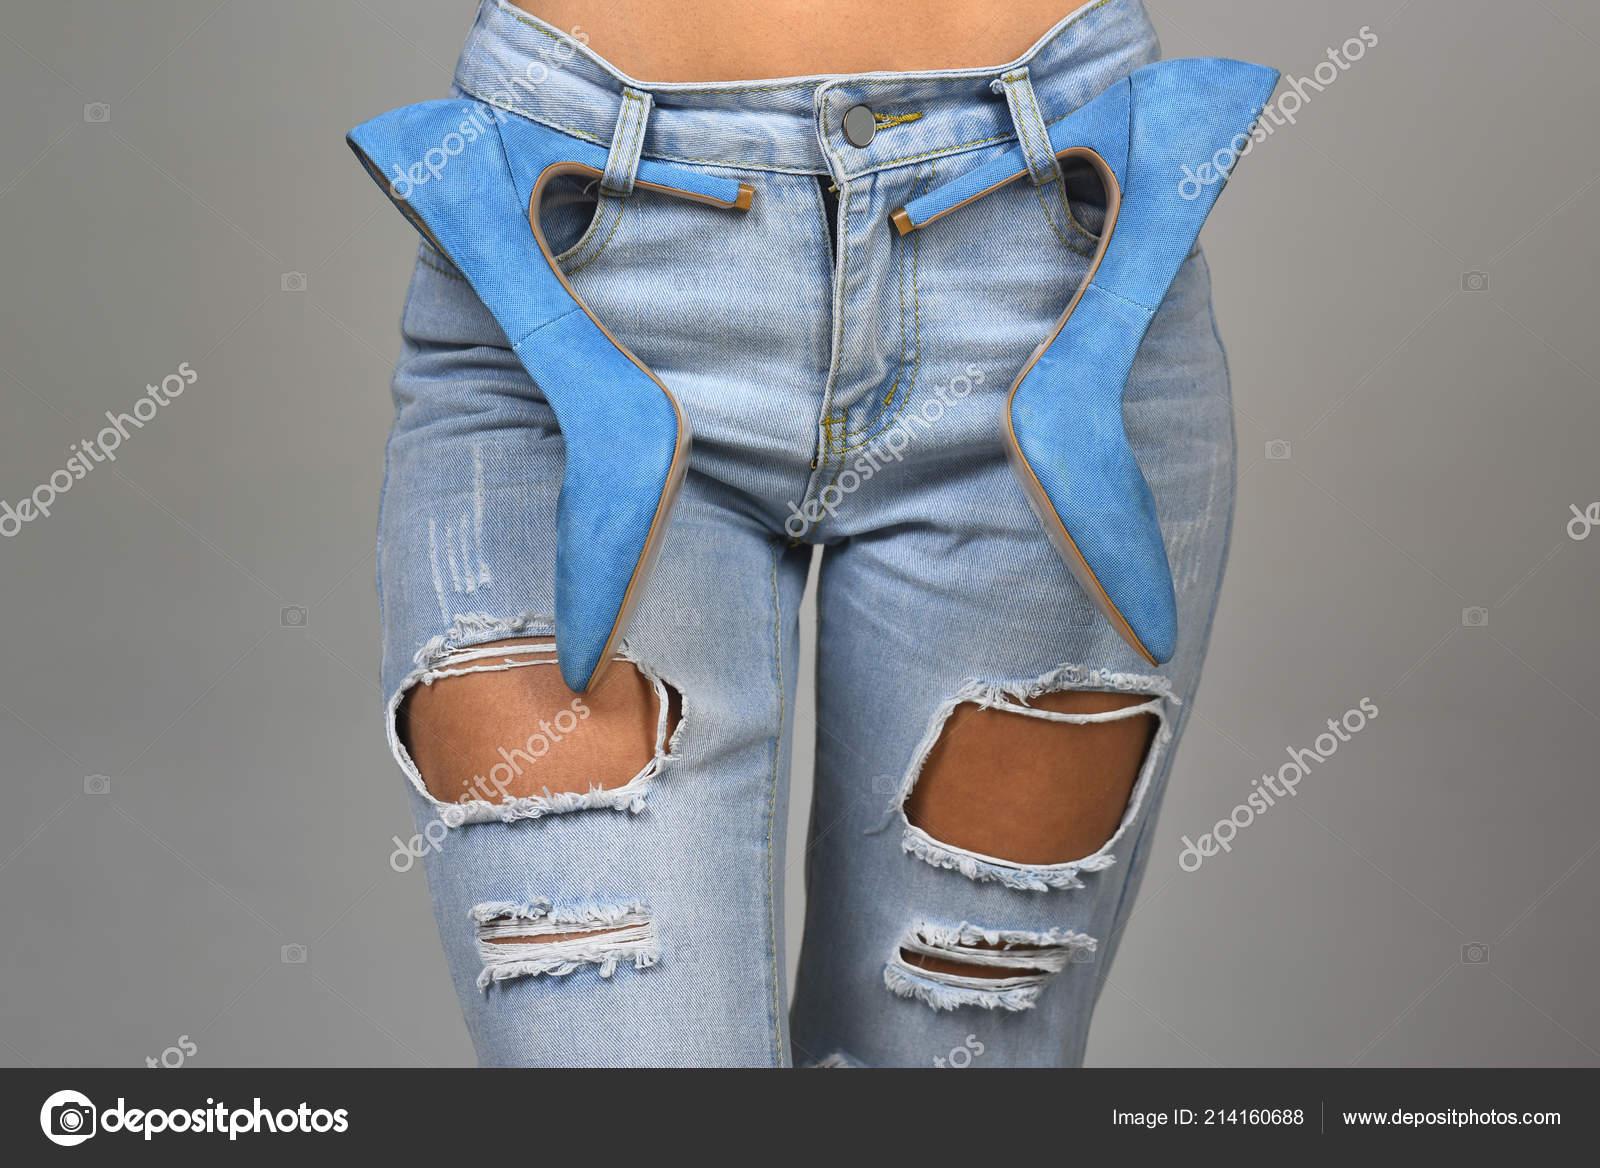 Alto Denim Ragazza Donna Concetto Moda Jeans Scarpe Tacco Rnz7870